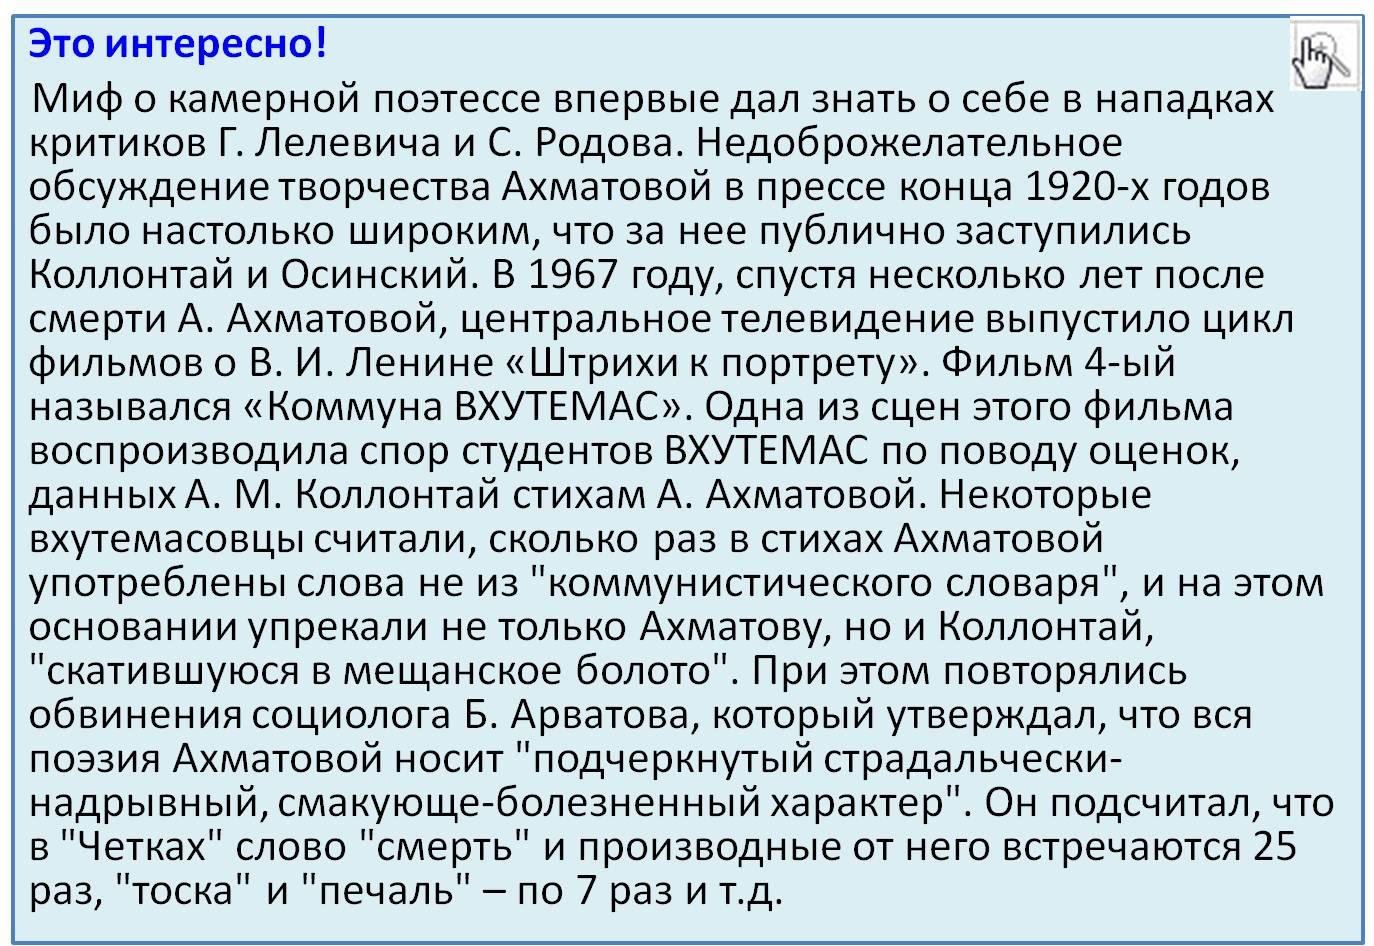 сочинение лирика ахматовой как поэзия русской души